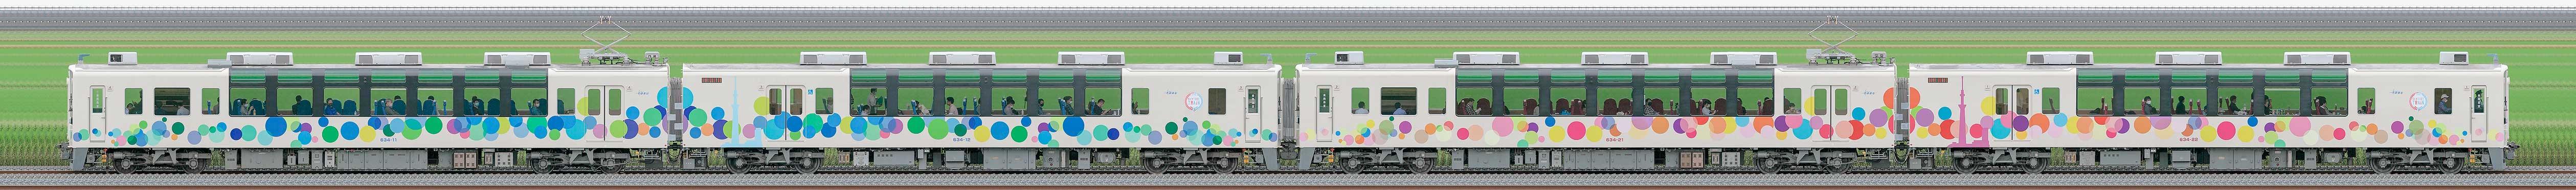 東武634型「スカイツリートレイン」(海側)の編成サイドビュー